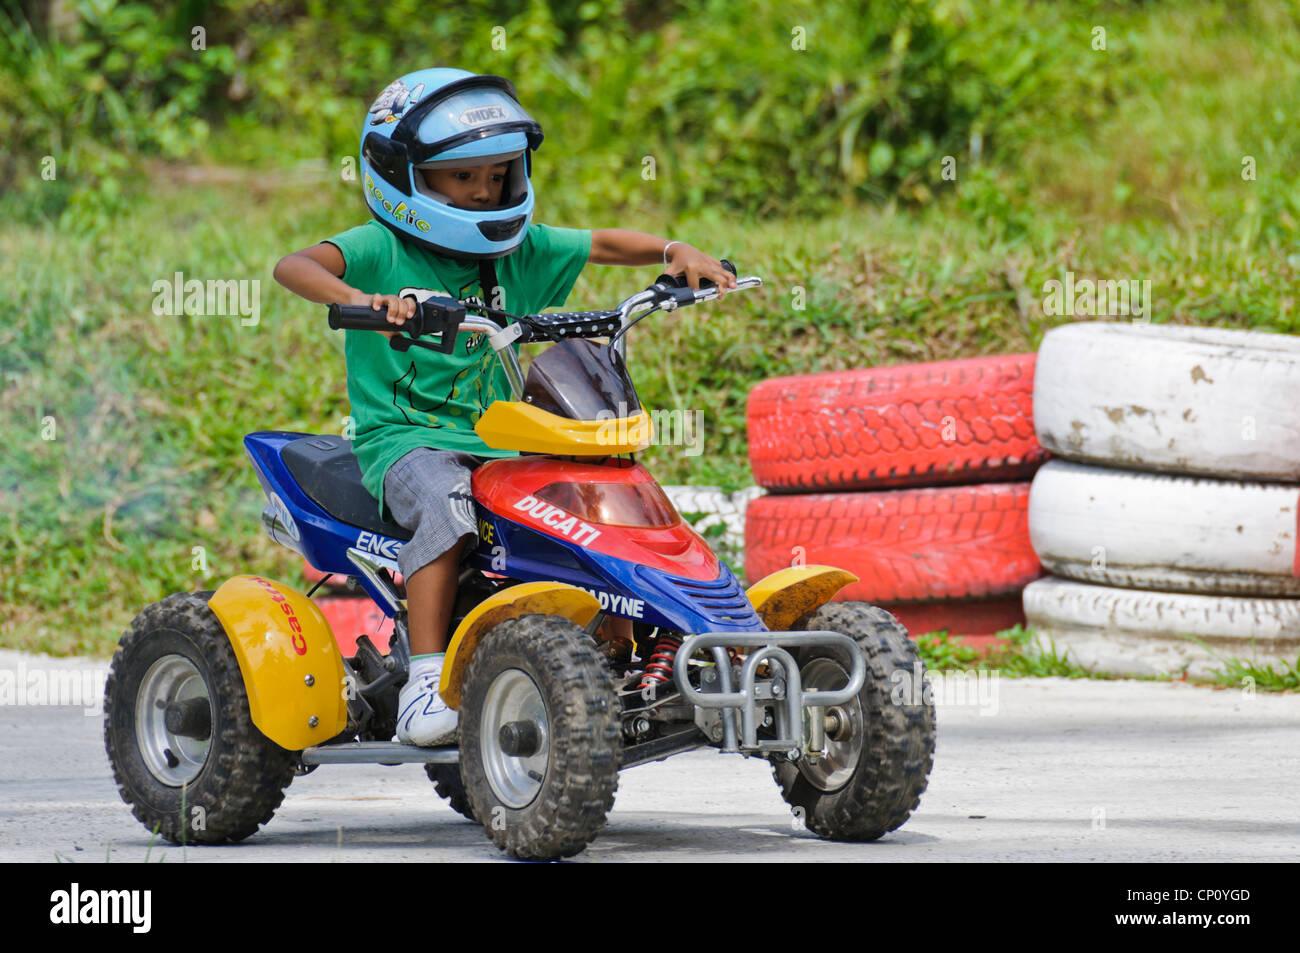 Les Jeunes 4 5 Ans Garçon Casque Bleu équitation Enfants Quad Atv